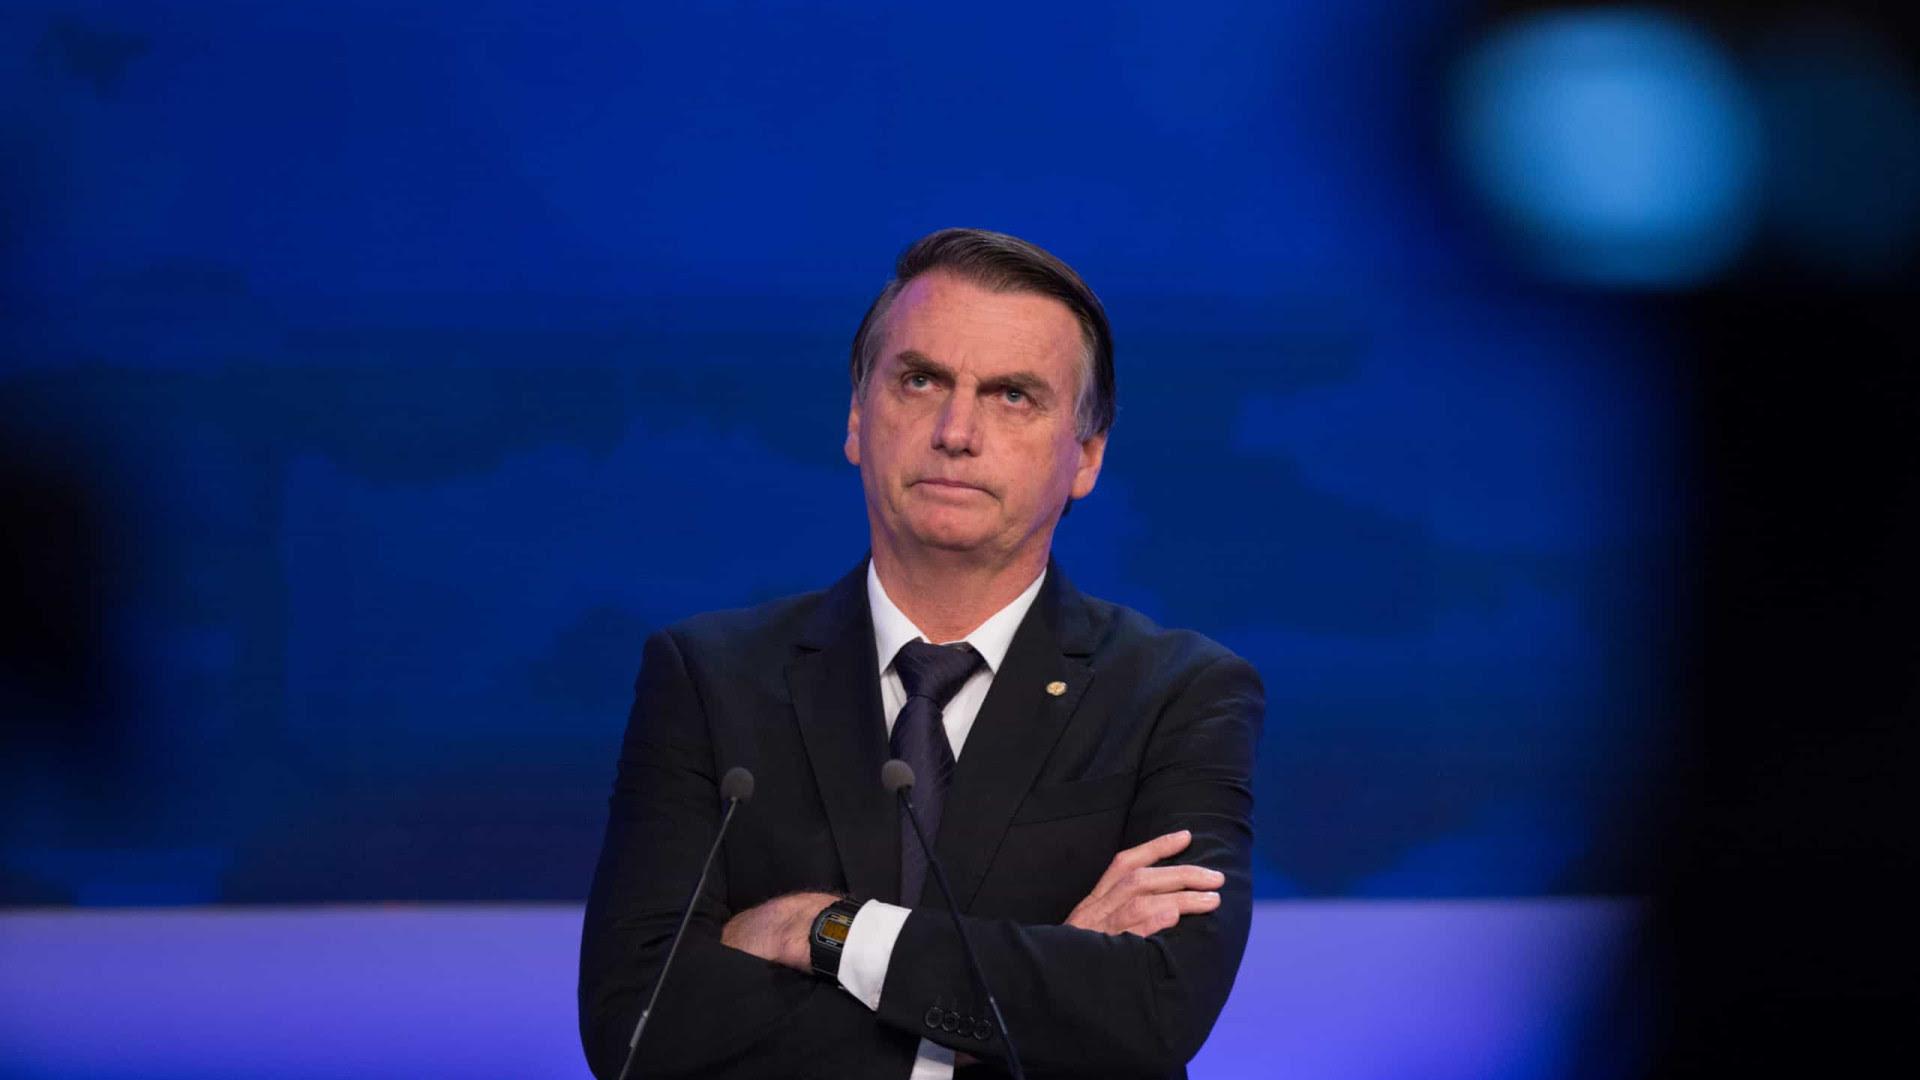 Covid-19: economistas criticam atuação de Bolsonaro